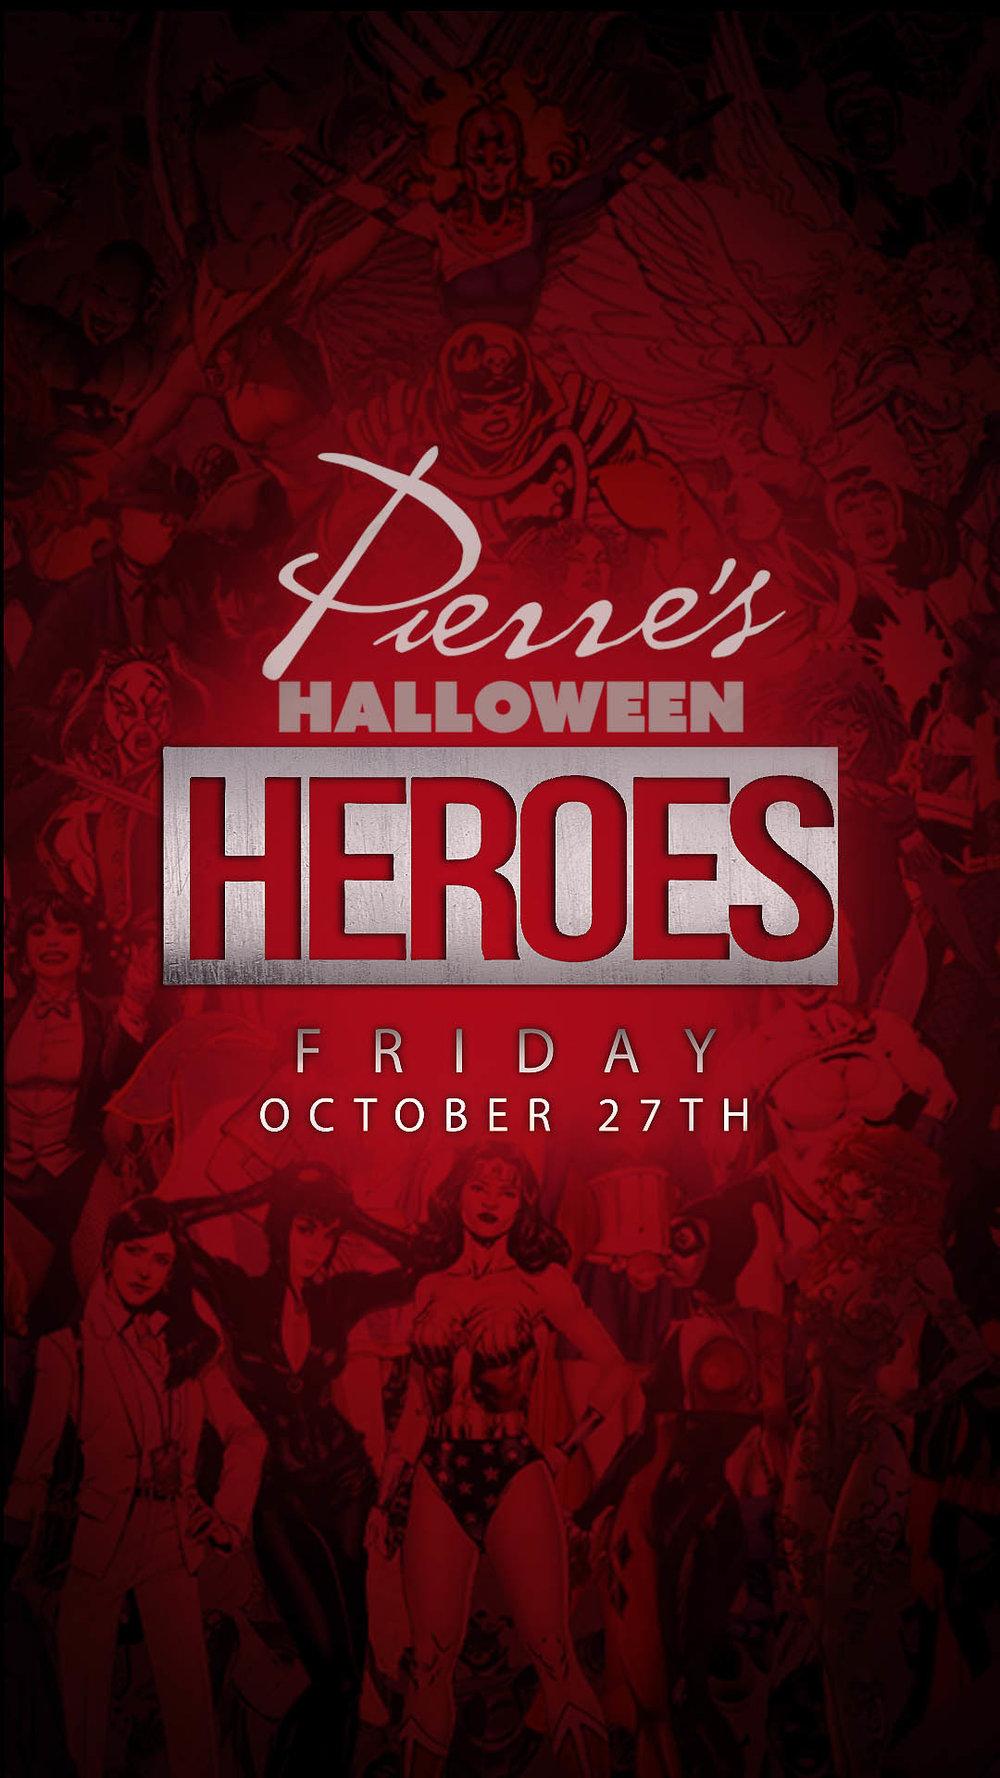 Heros Halloween Pierres.jpg